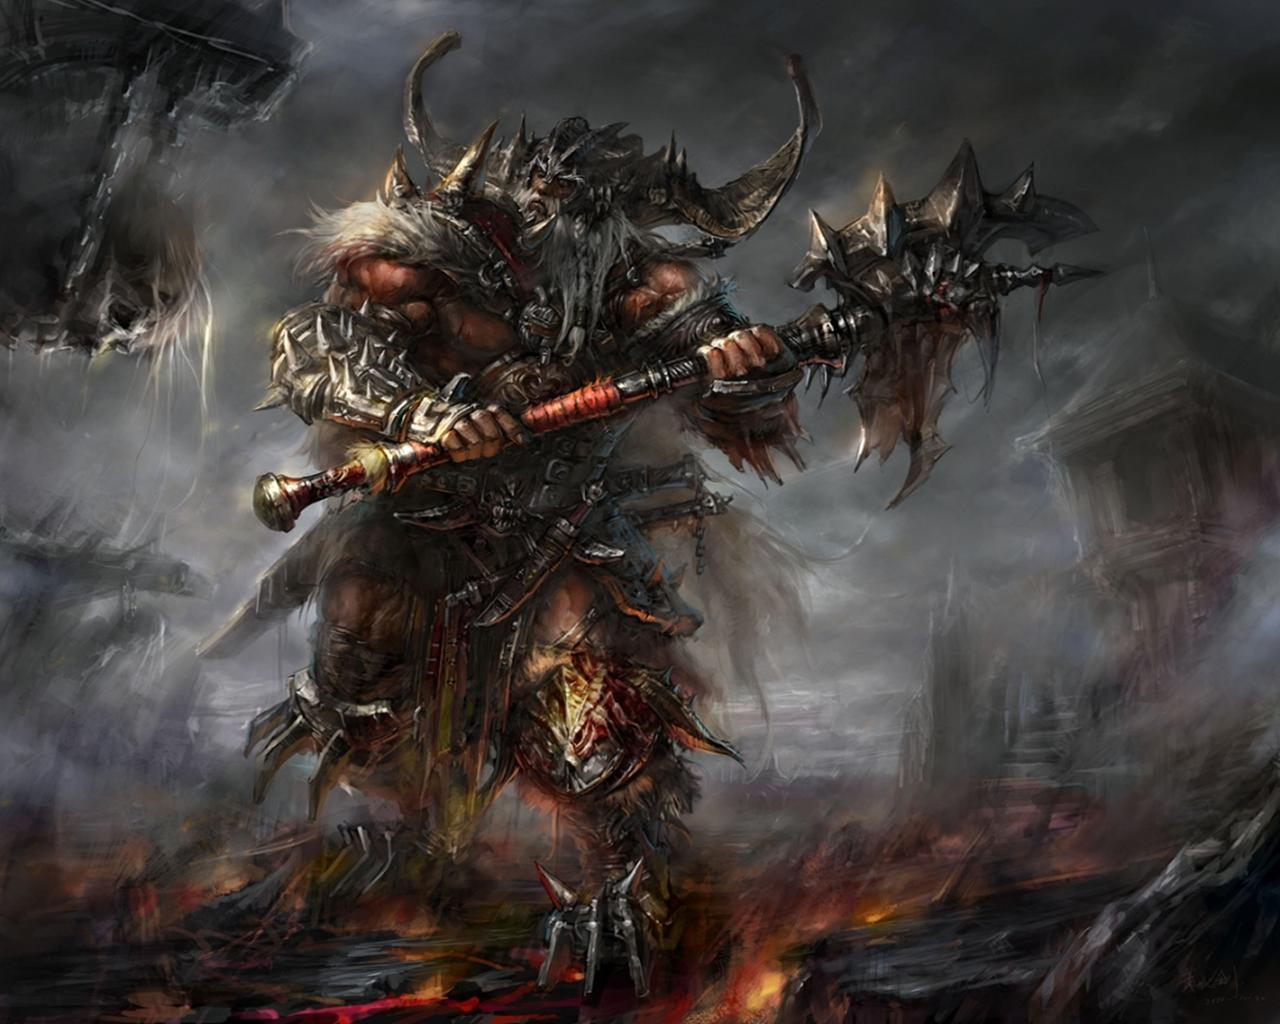 Diablo III Wallpaper 1280x1024